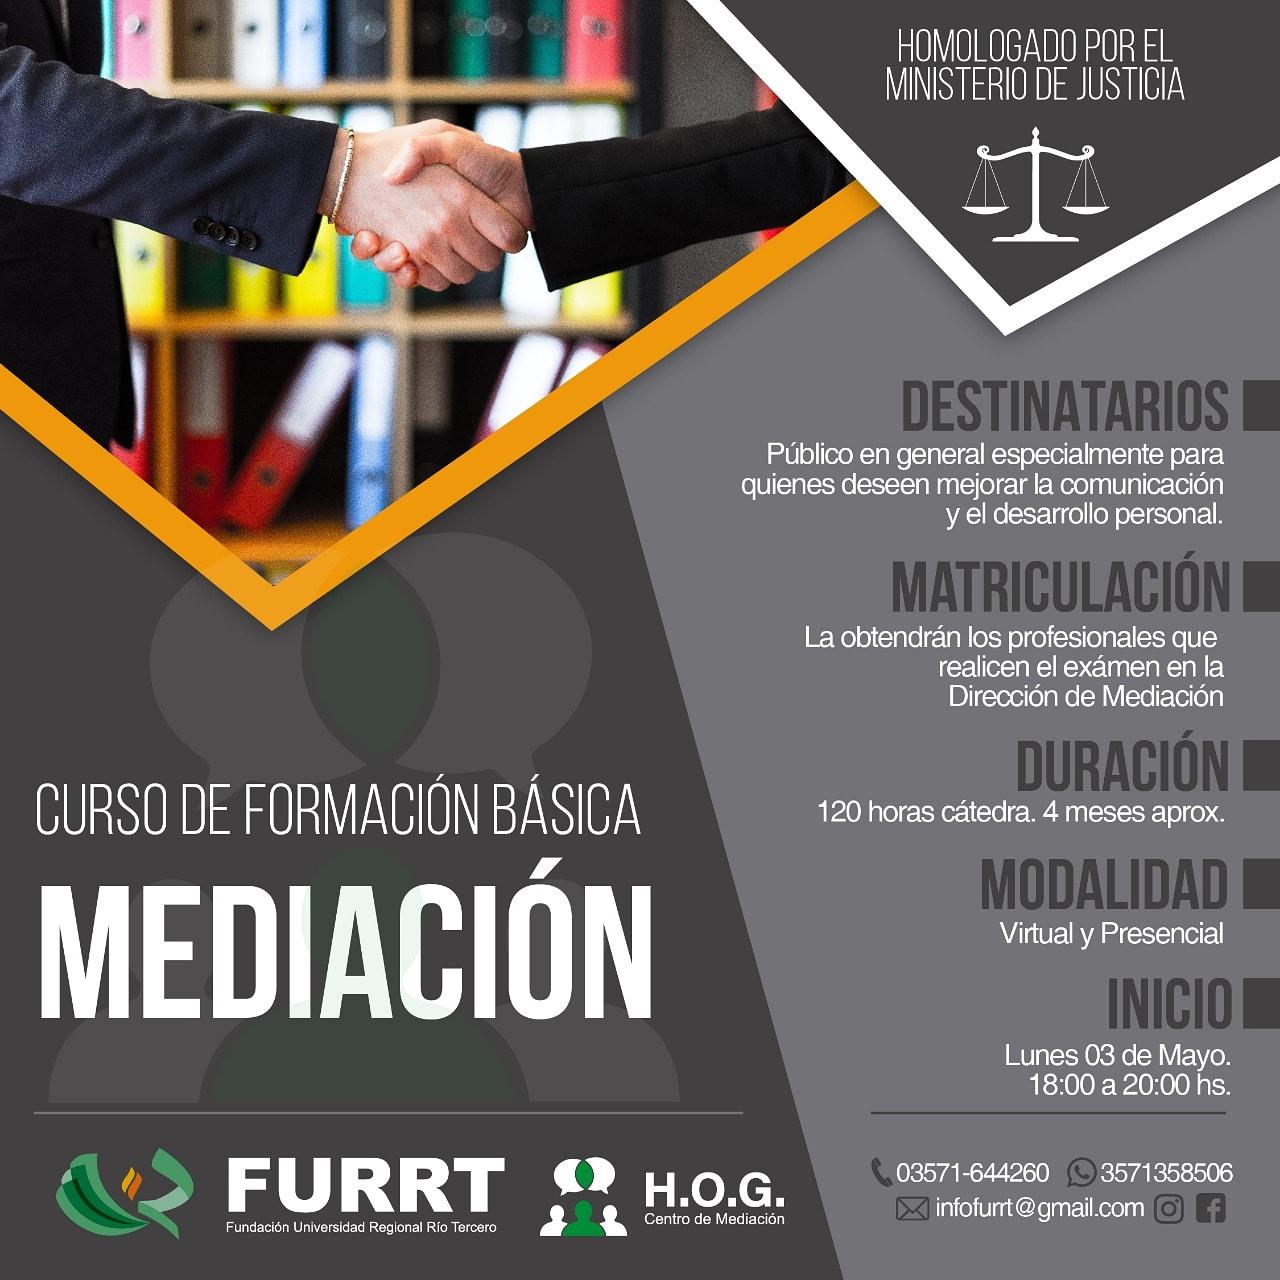 FURRT ofrece Nueva Capacitación sobre Mediación